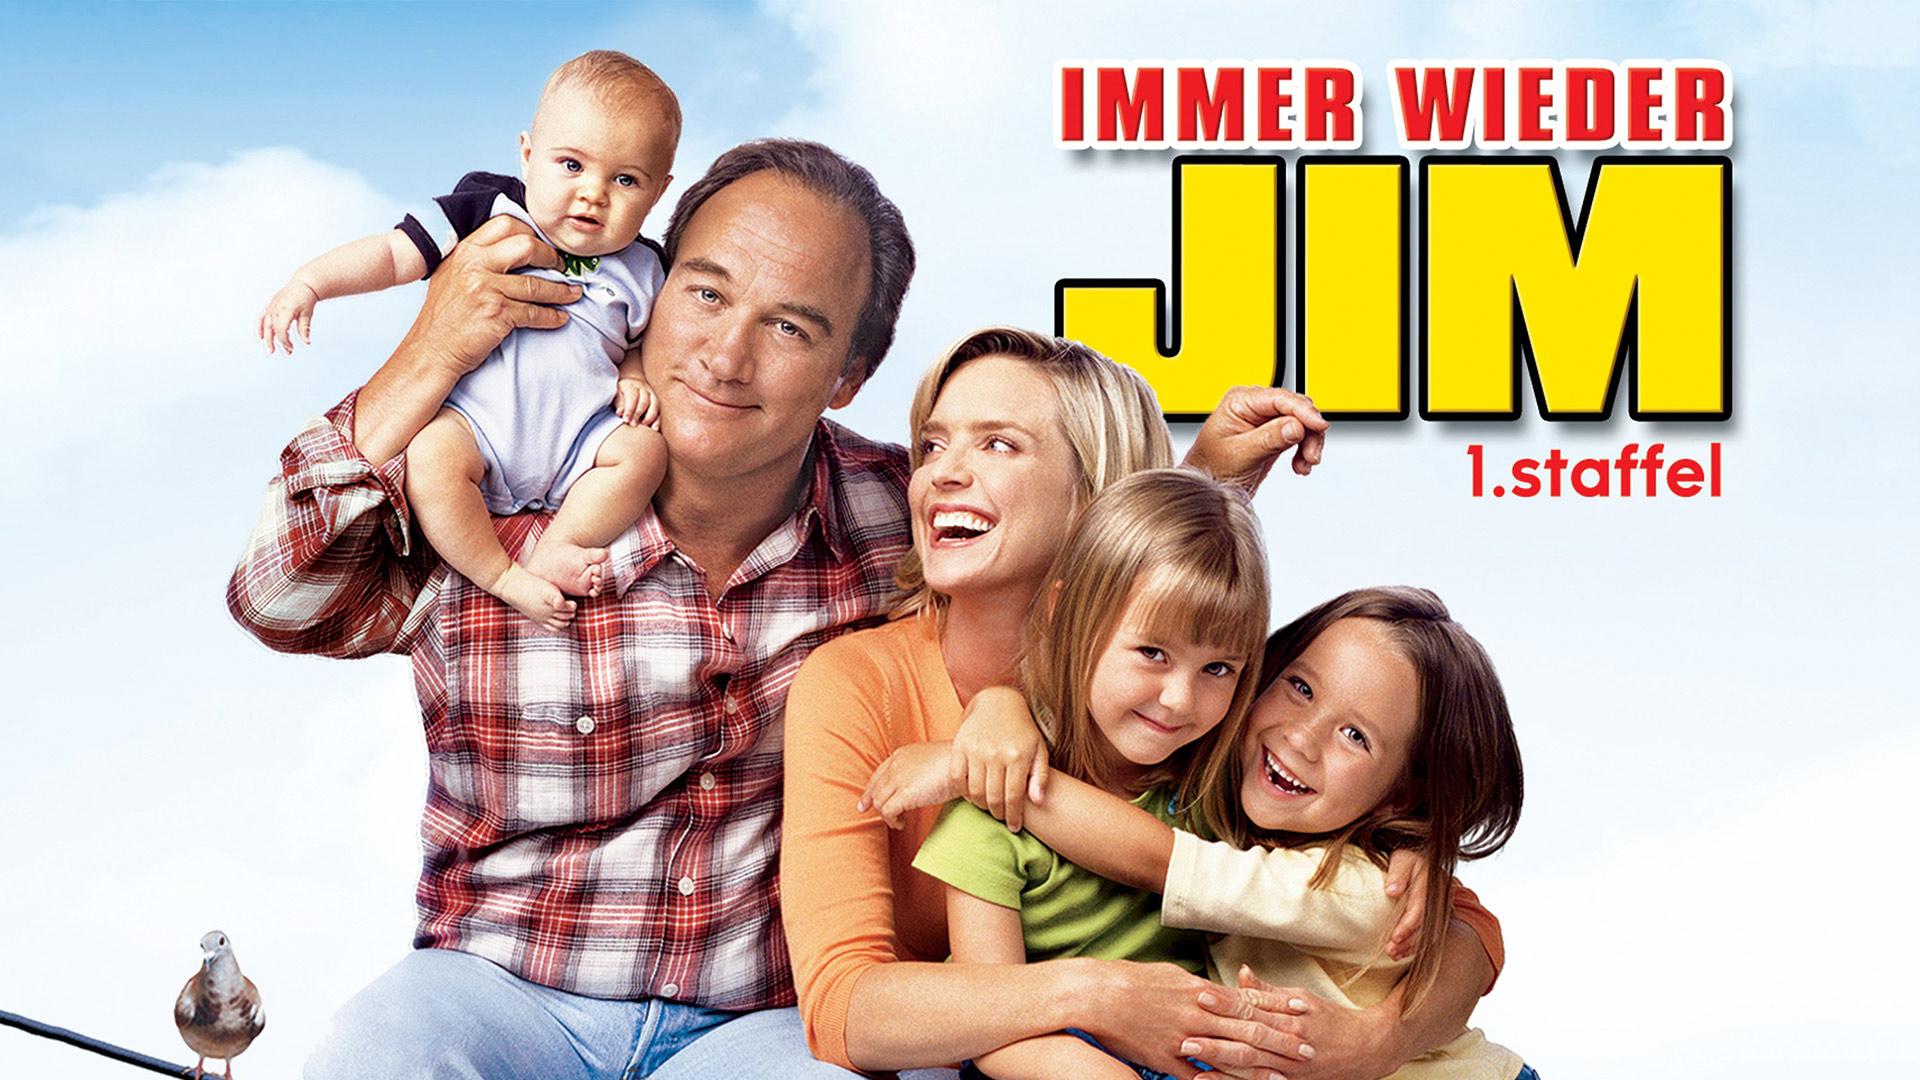 Immer wieder Jim - Staffel 1 [dt./OV]